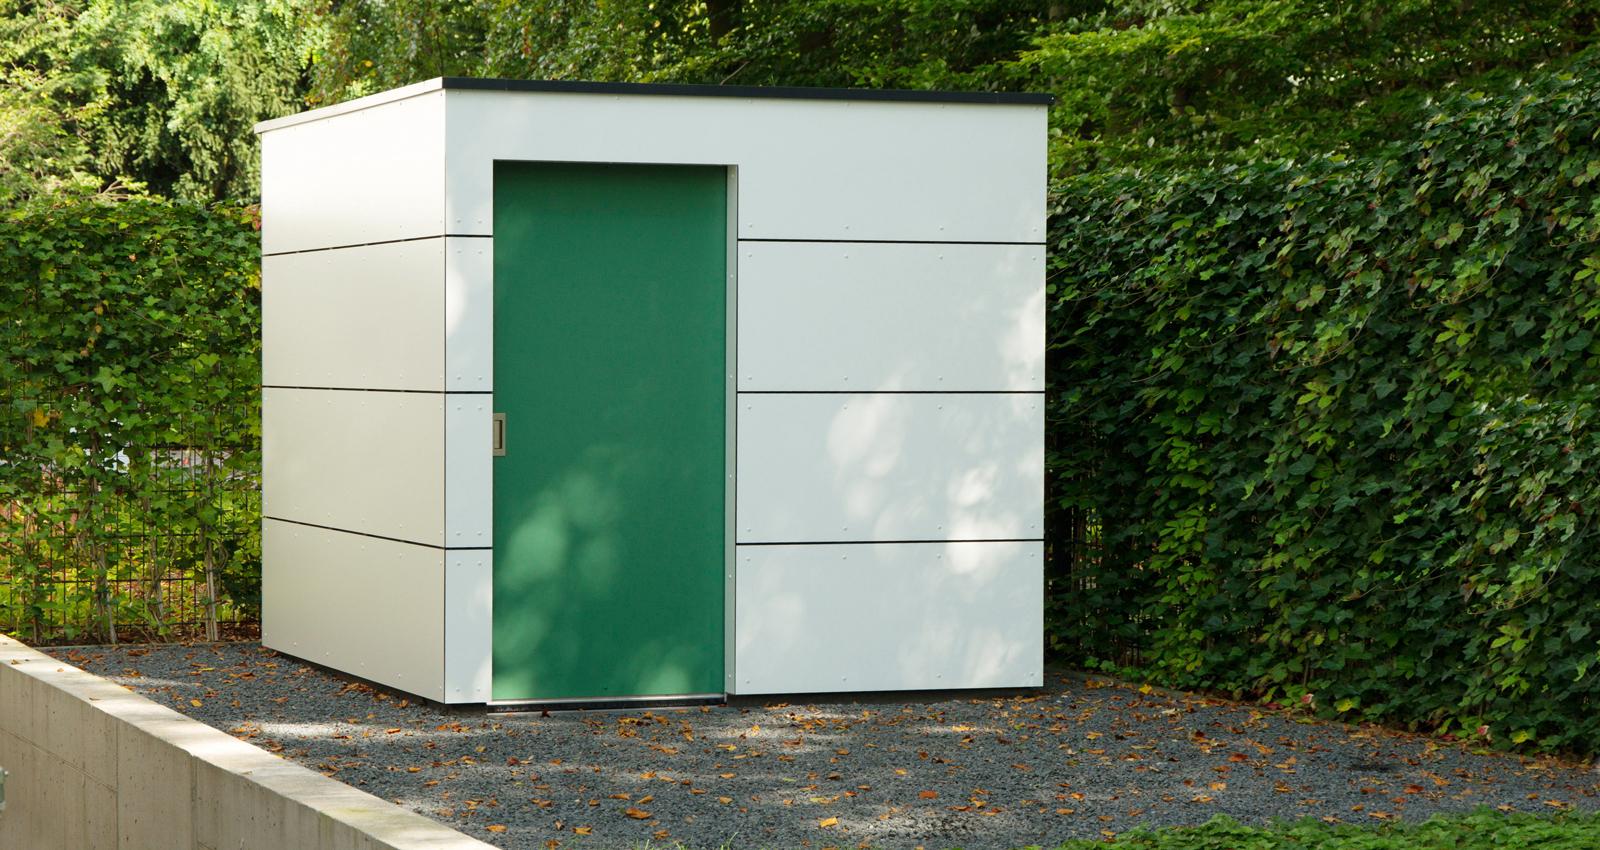 Gartenhaus box das kubus gartenhaus for Design gartenhauser